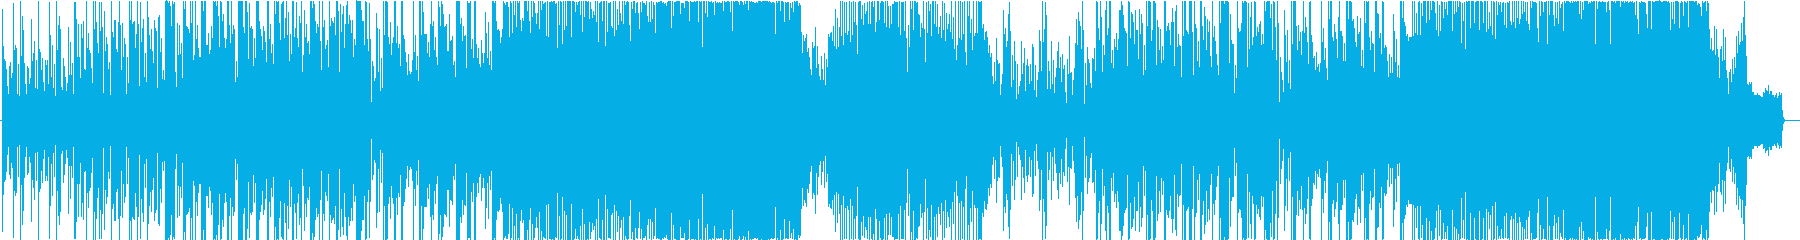 お洒落なテクノポップの再生済みの波形